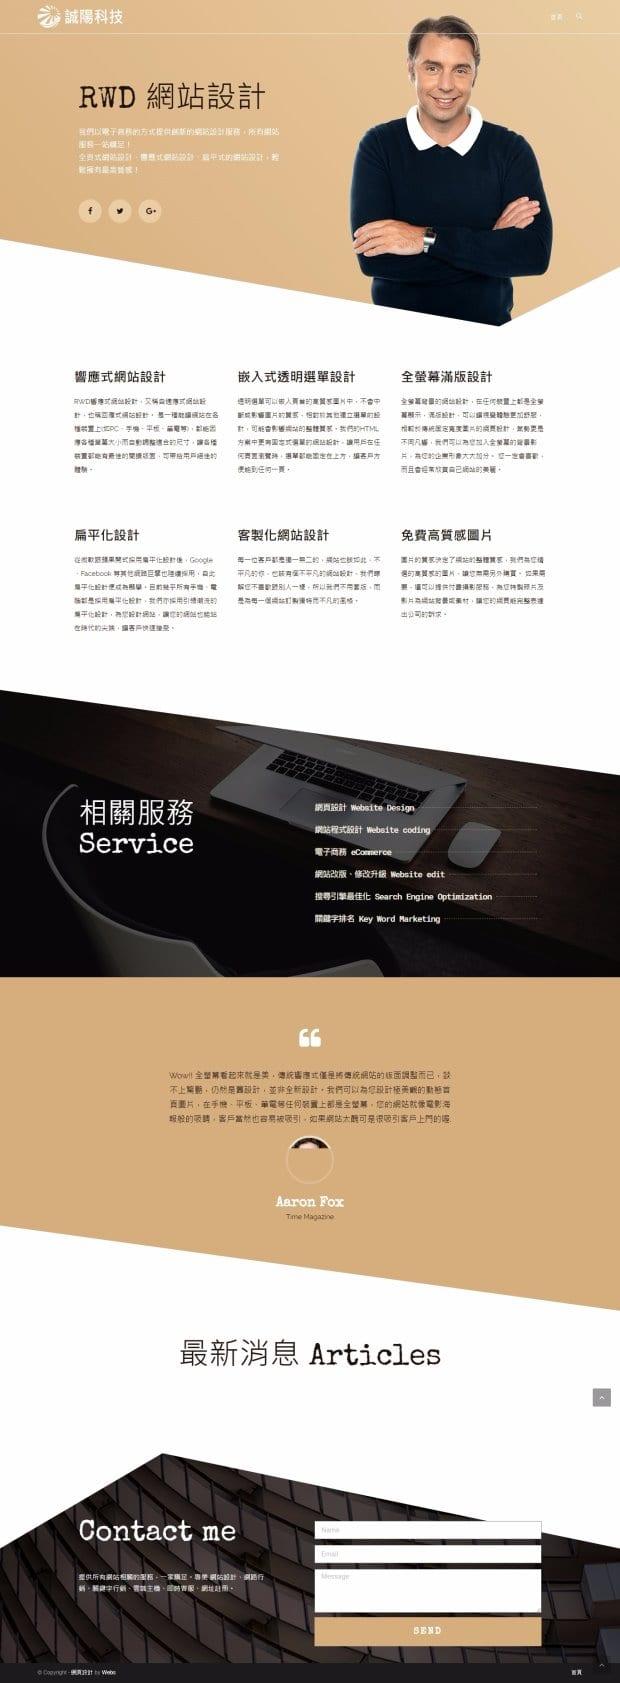 網頁設計-風格10-1